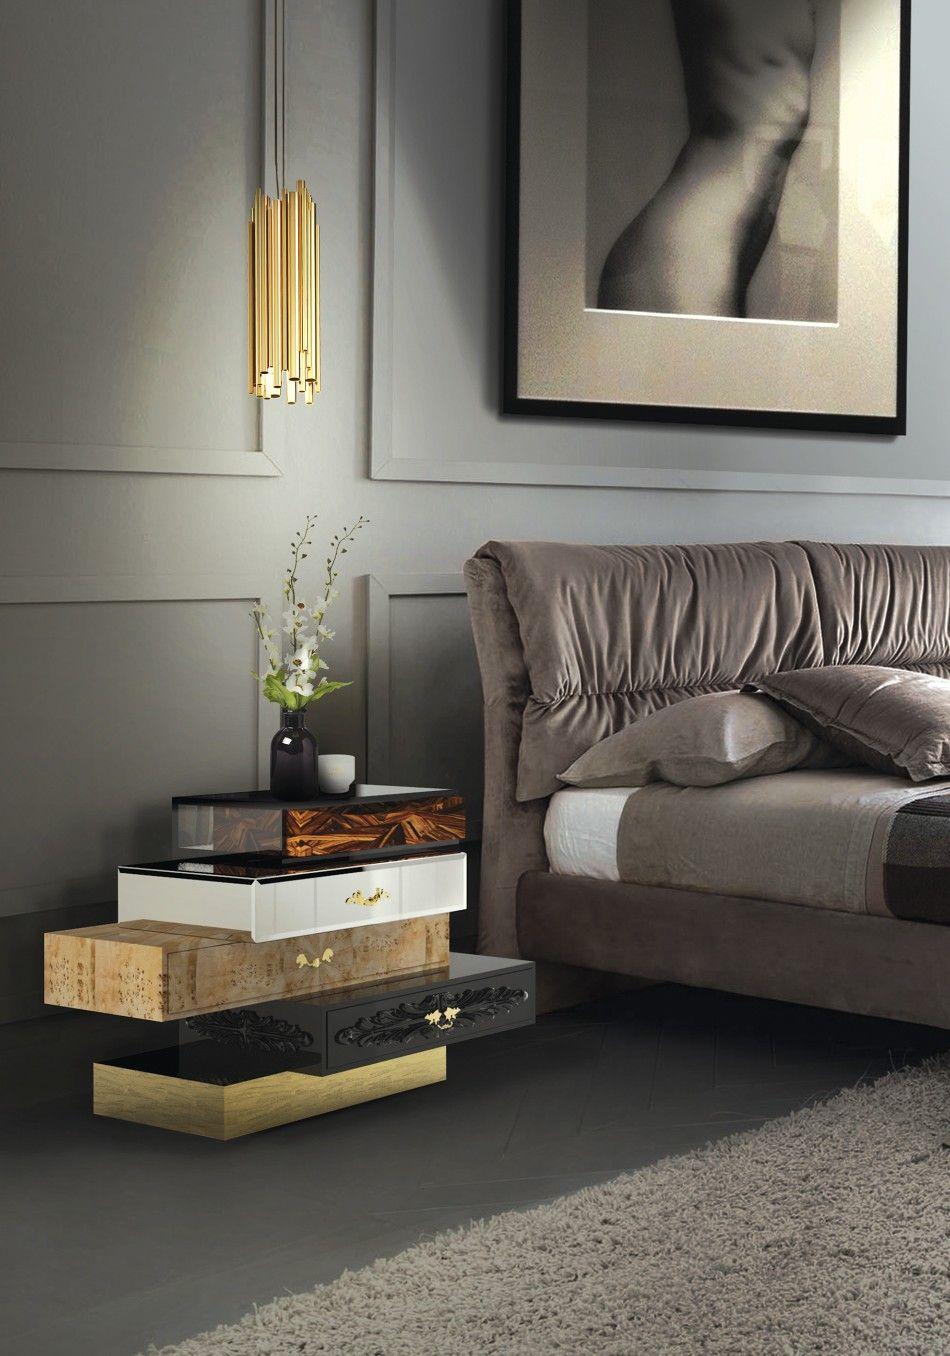 Schön 10 Interessante Alternativen Zu Ihrem Bett Beistelltisch | | #moebel #luxus  #design #